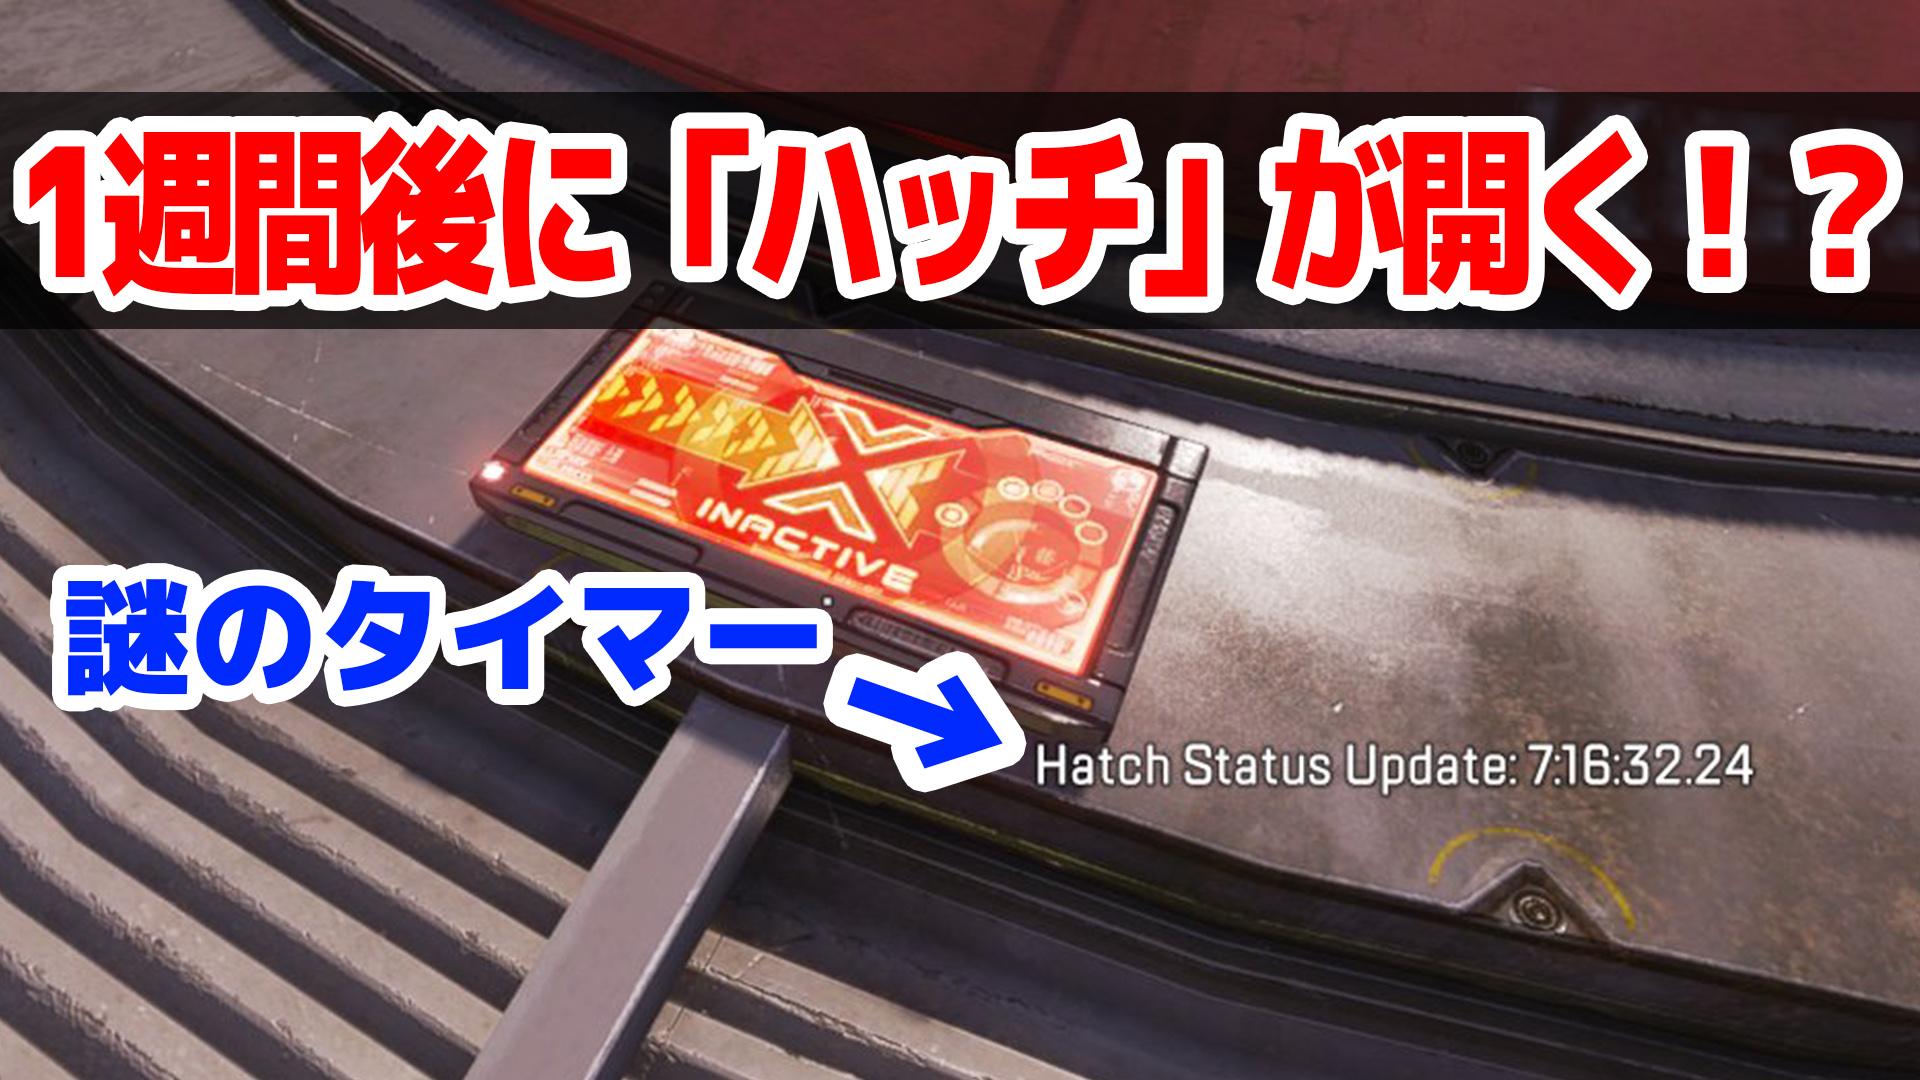 【速報】キングスキャニオンの「ハッチ」が1週間後に開くかも!?謎のタイマーが表示されてるぞ!!!